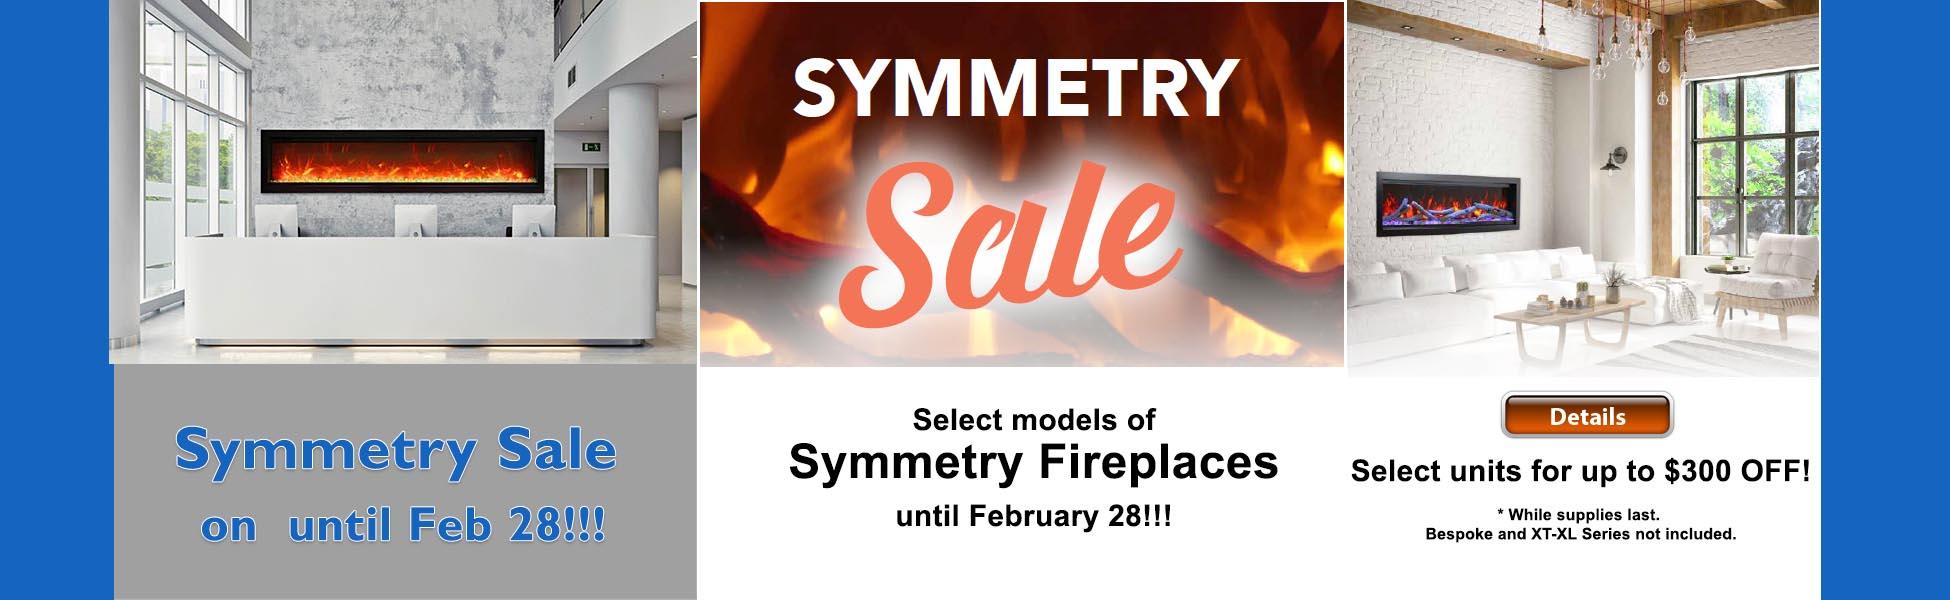 symmetry sale banner-Feb-28-1950-button-e-comm